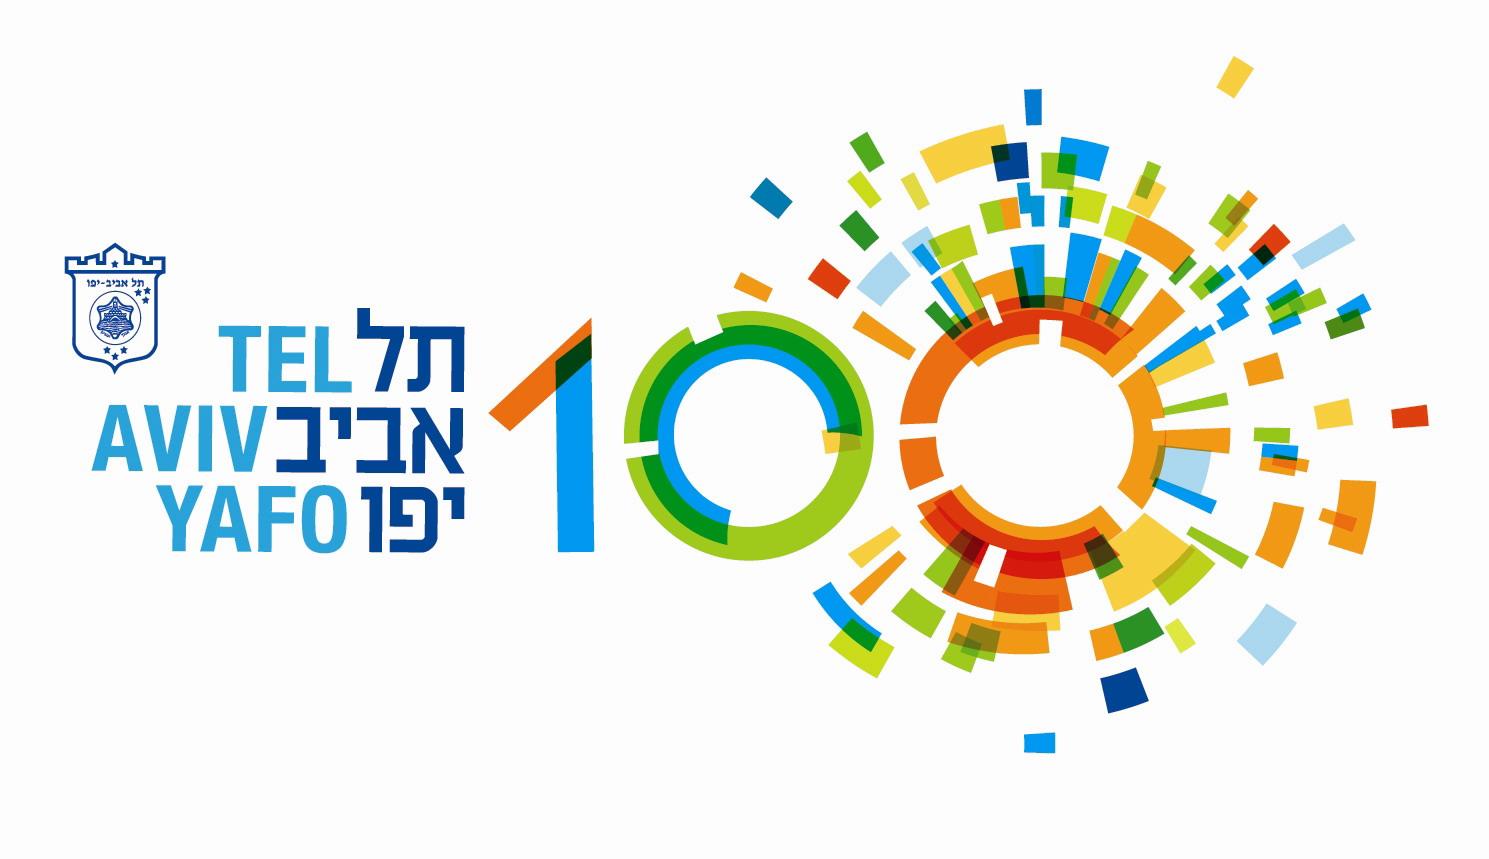 iriya logo 100